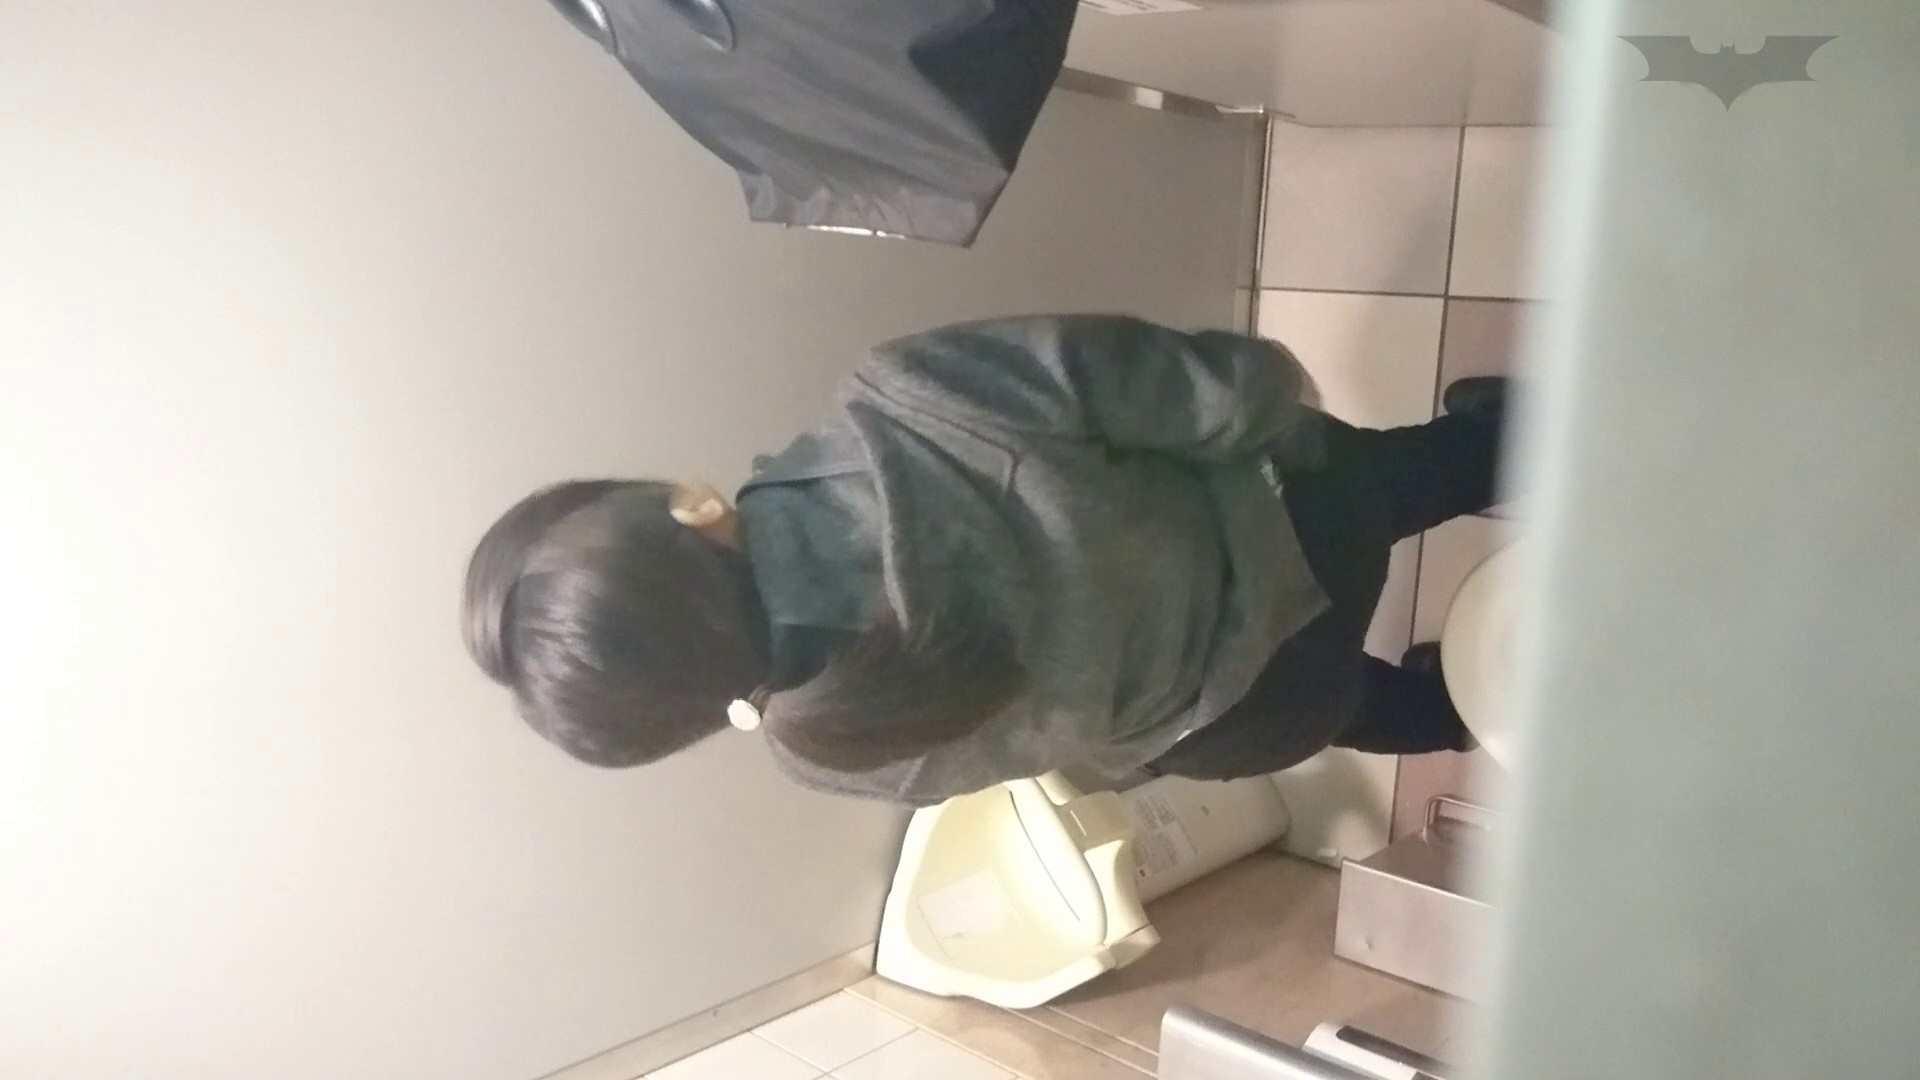 化粧室絵巻 ショッピングモール編 VOL.08 細身・スレンダー  97画像 96